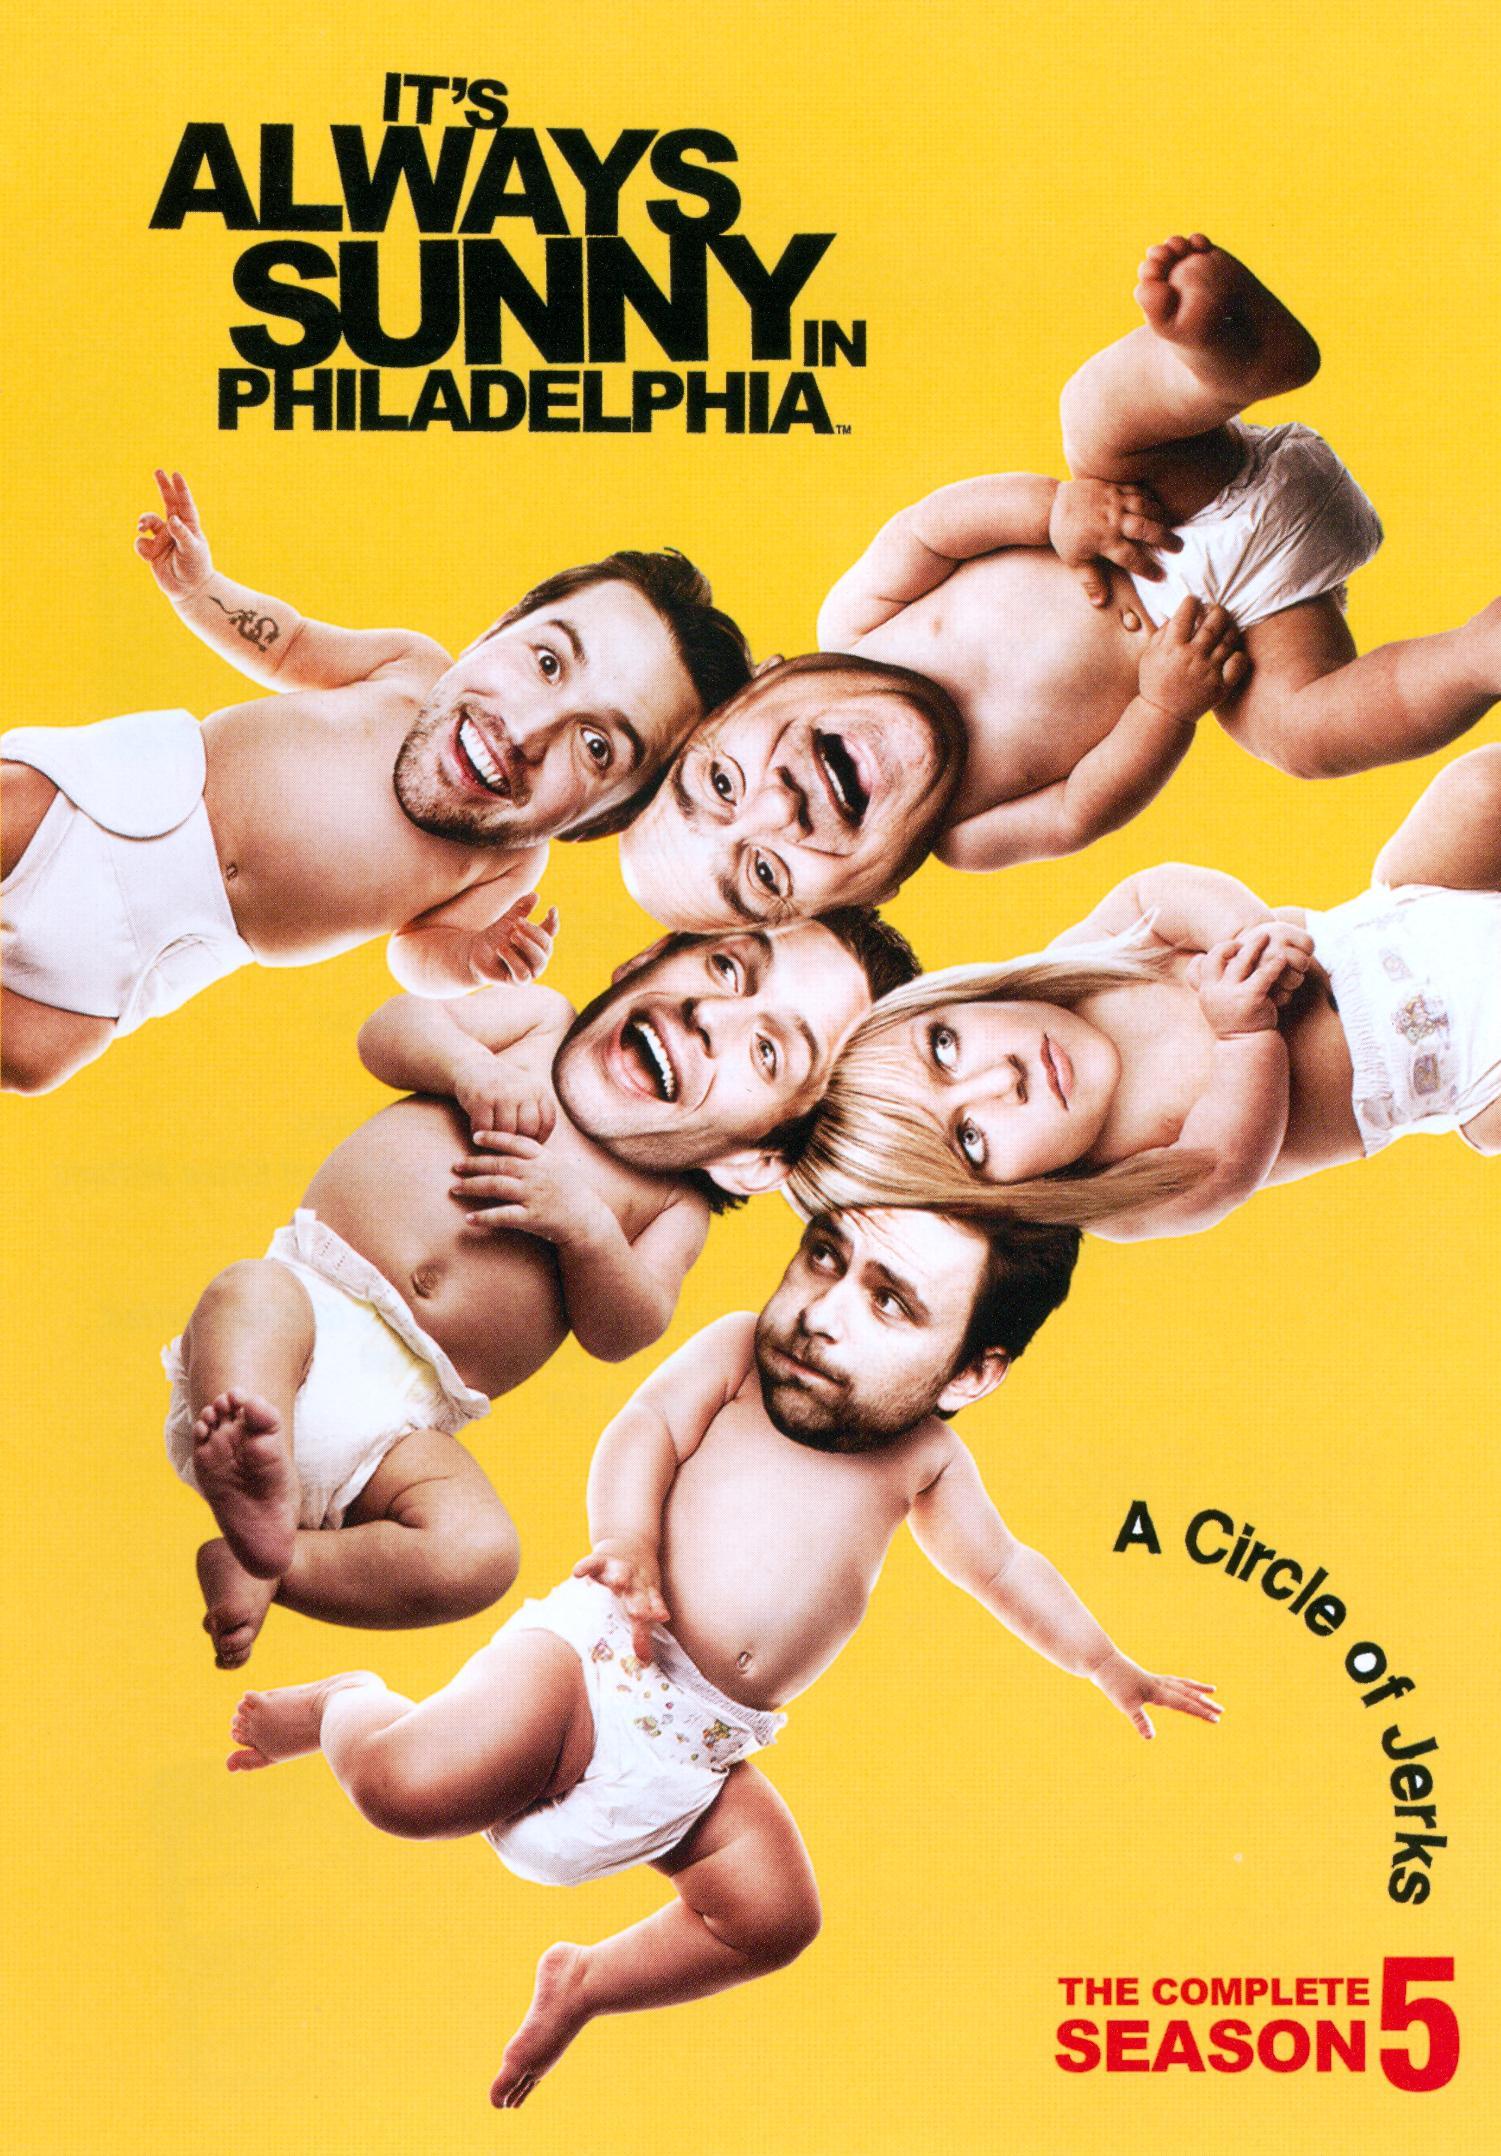 It's Always Sunny In Philadelphia: The Complete Season 5 [3 Discs] (dvd) 1168081